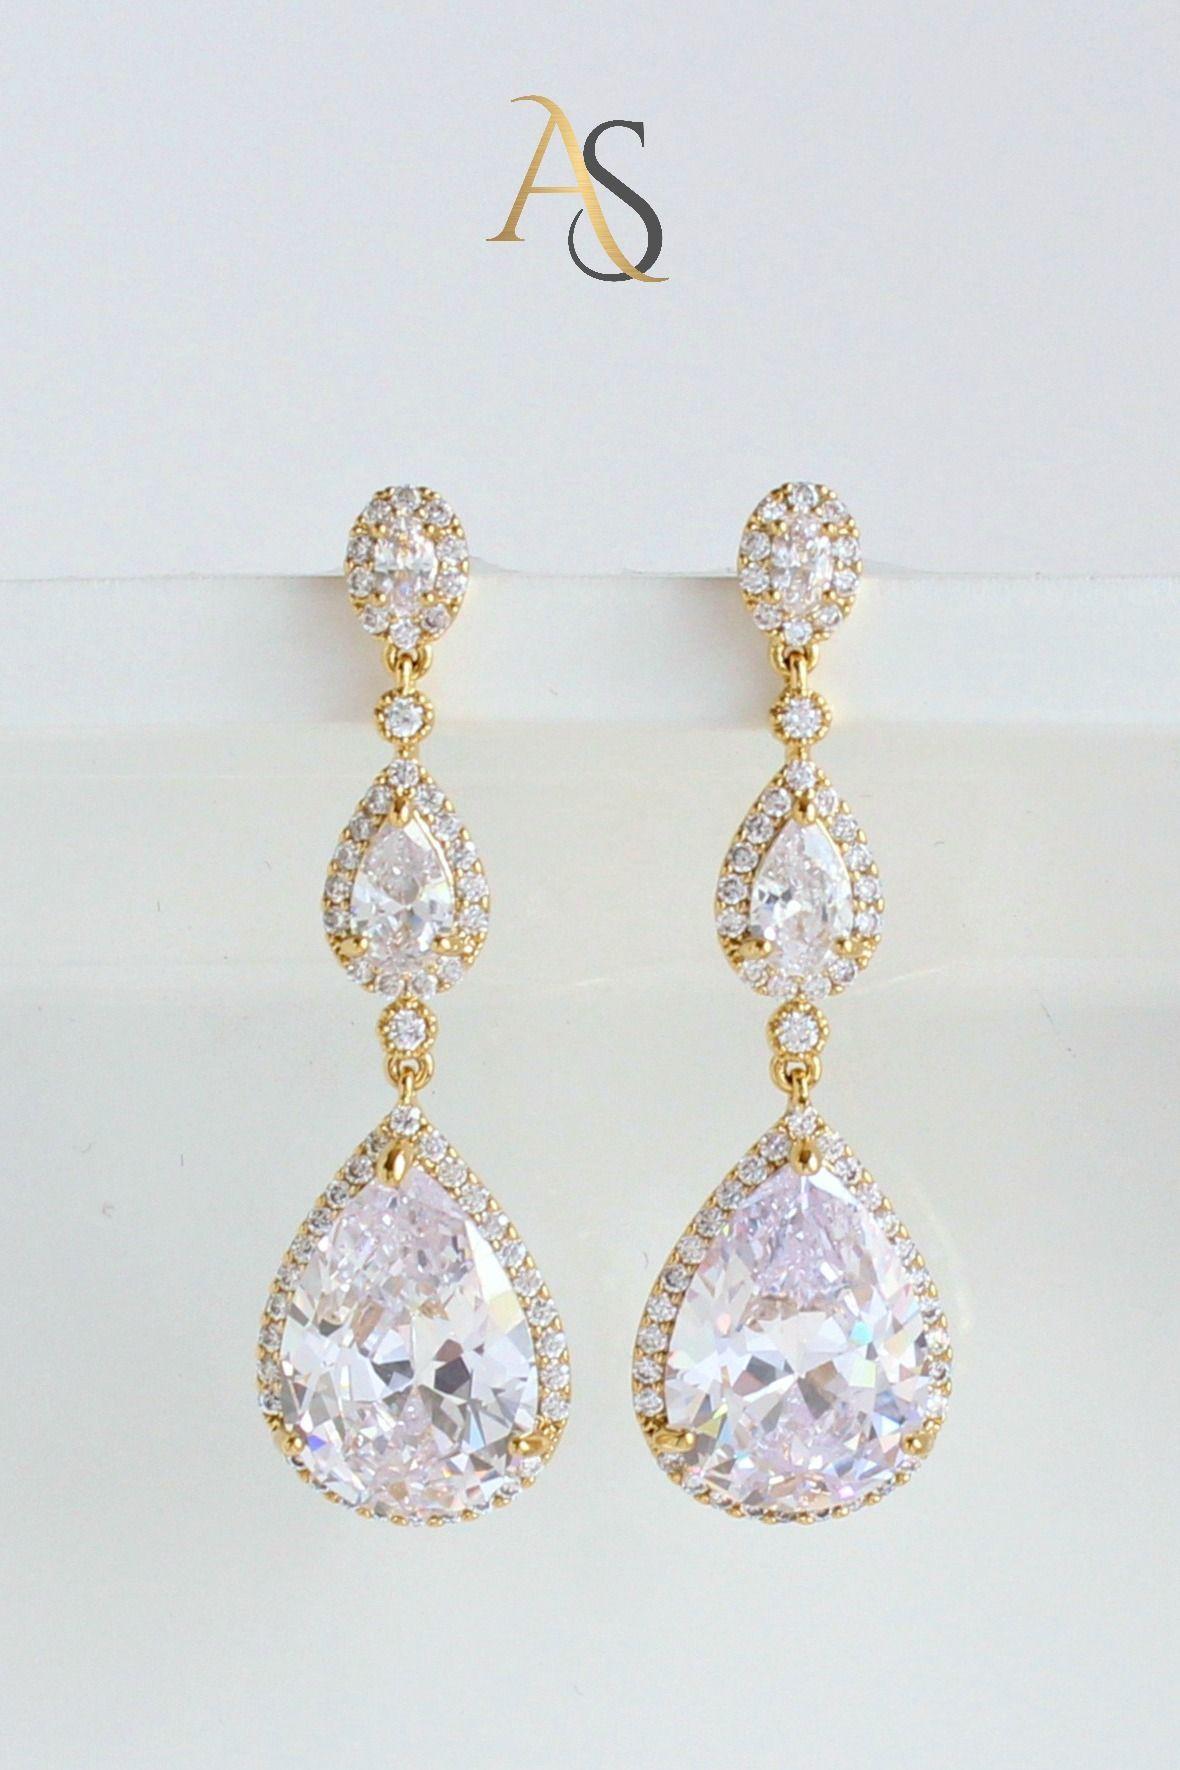 Crystal Drop Wedding Earrings Statement Bridal Teardrop Earrings Dakota Gold Wedding Earrings In 2020 Teardrop Bridal Earrings Wedding Earrings Drop Wedding Earrings